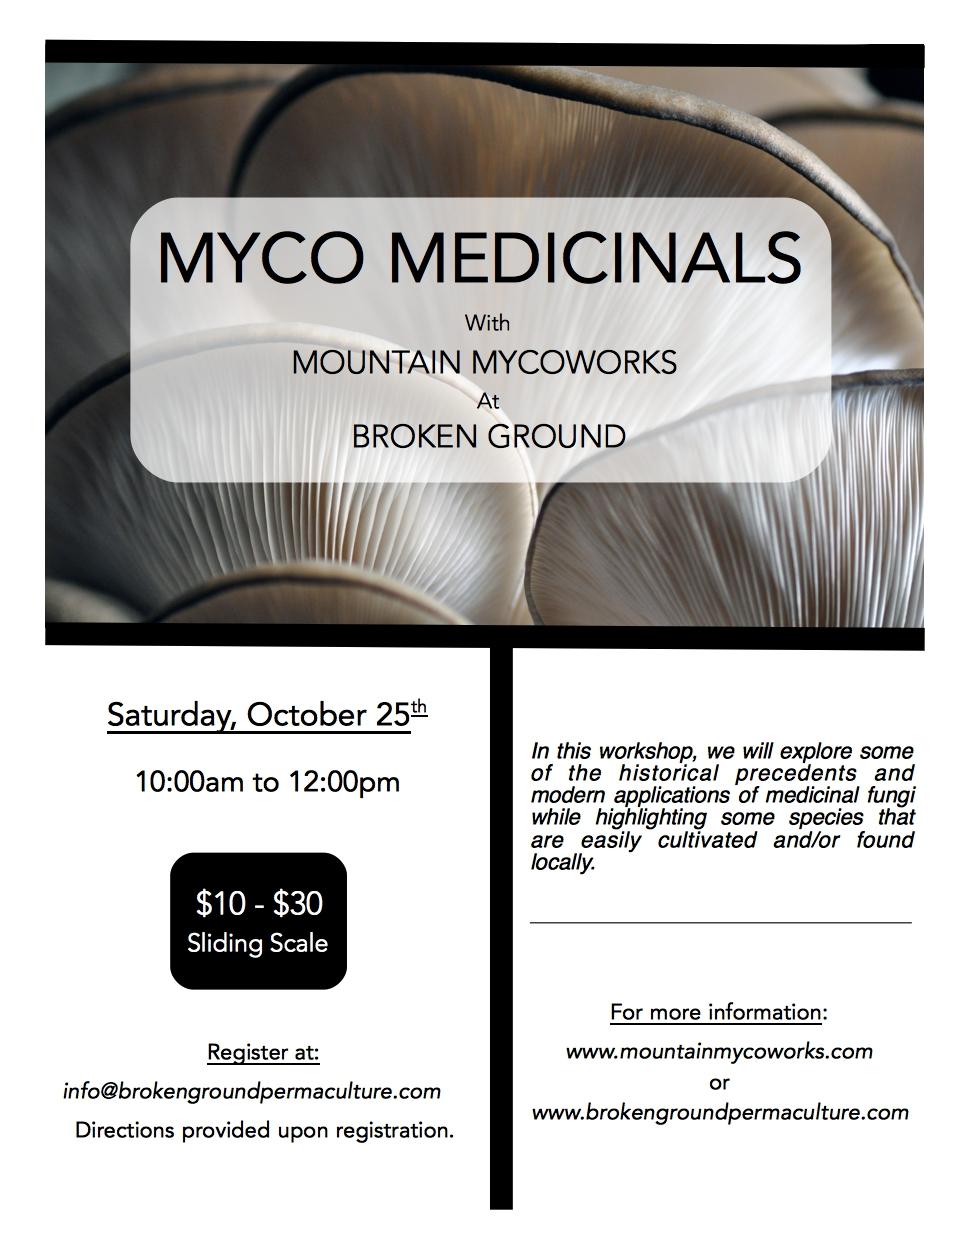 medicinals Flier.jpg